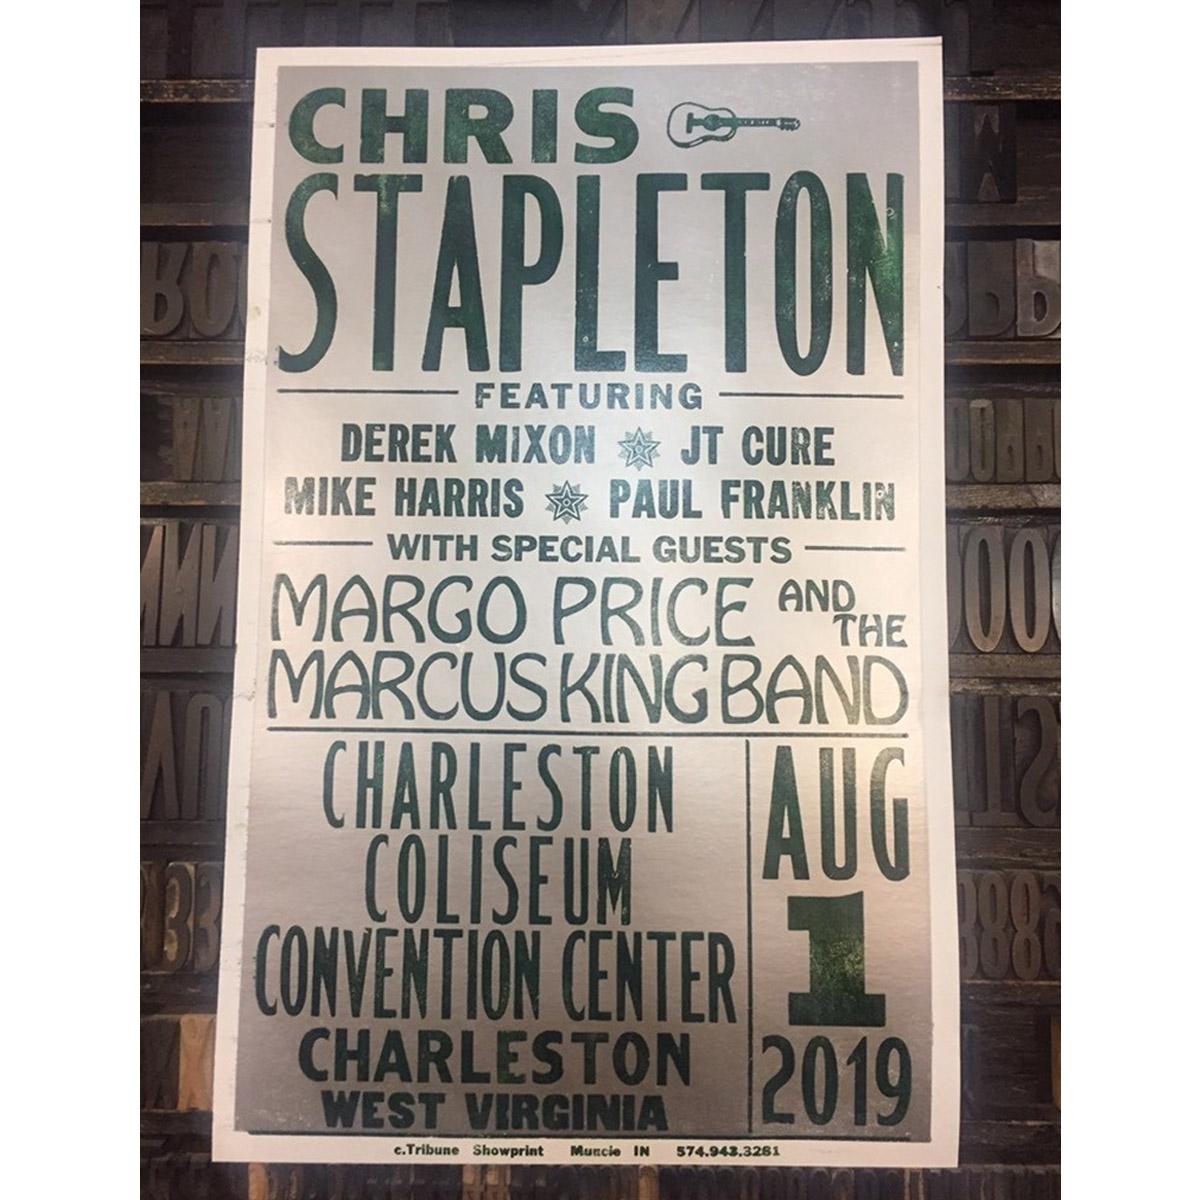 Chris Stapleton Show Poster – Charleston, WV 8/1/19